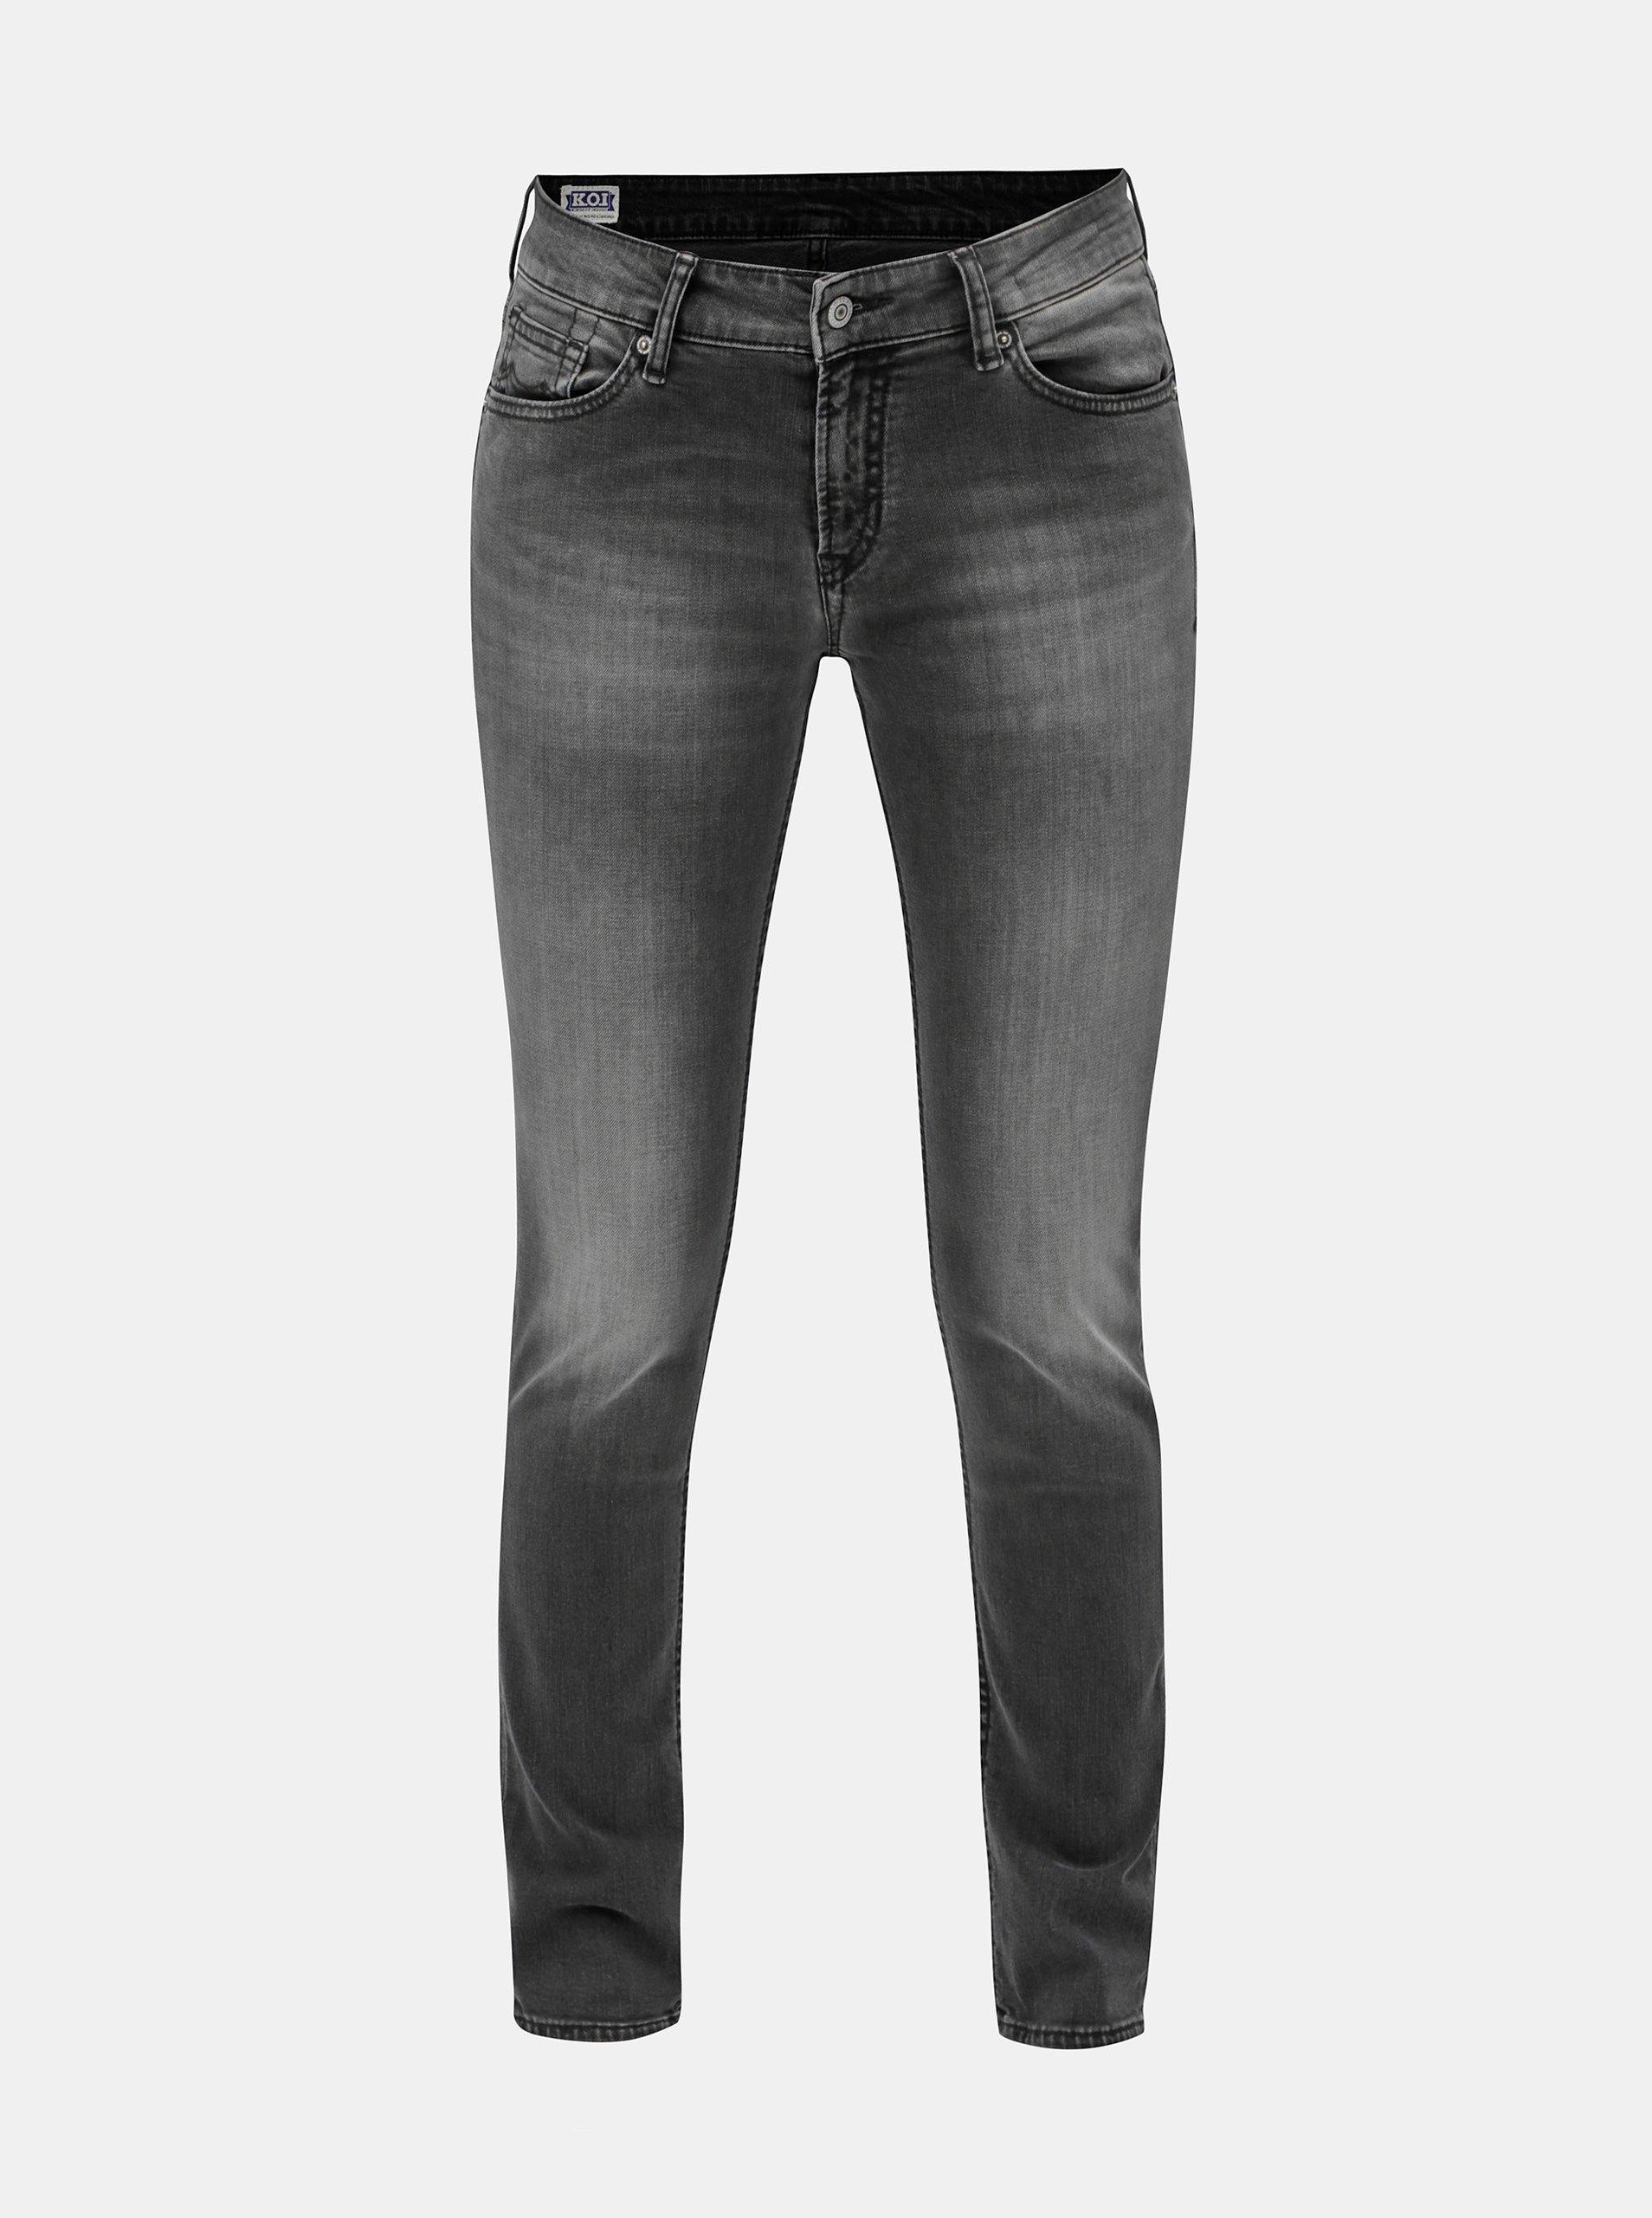 Šedé dámské slim fit džíny s vyšisovaným efektem Kings of Indigo 5f508b252d